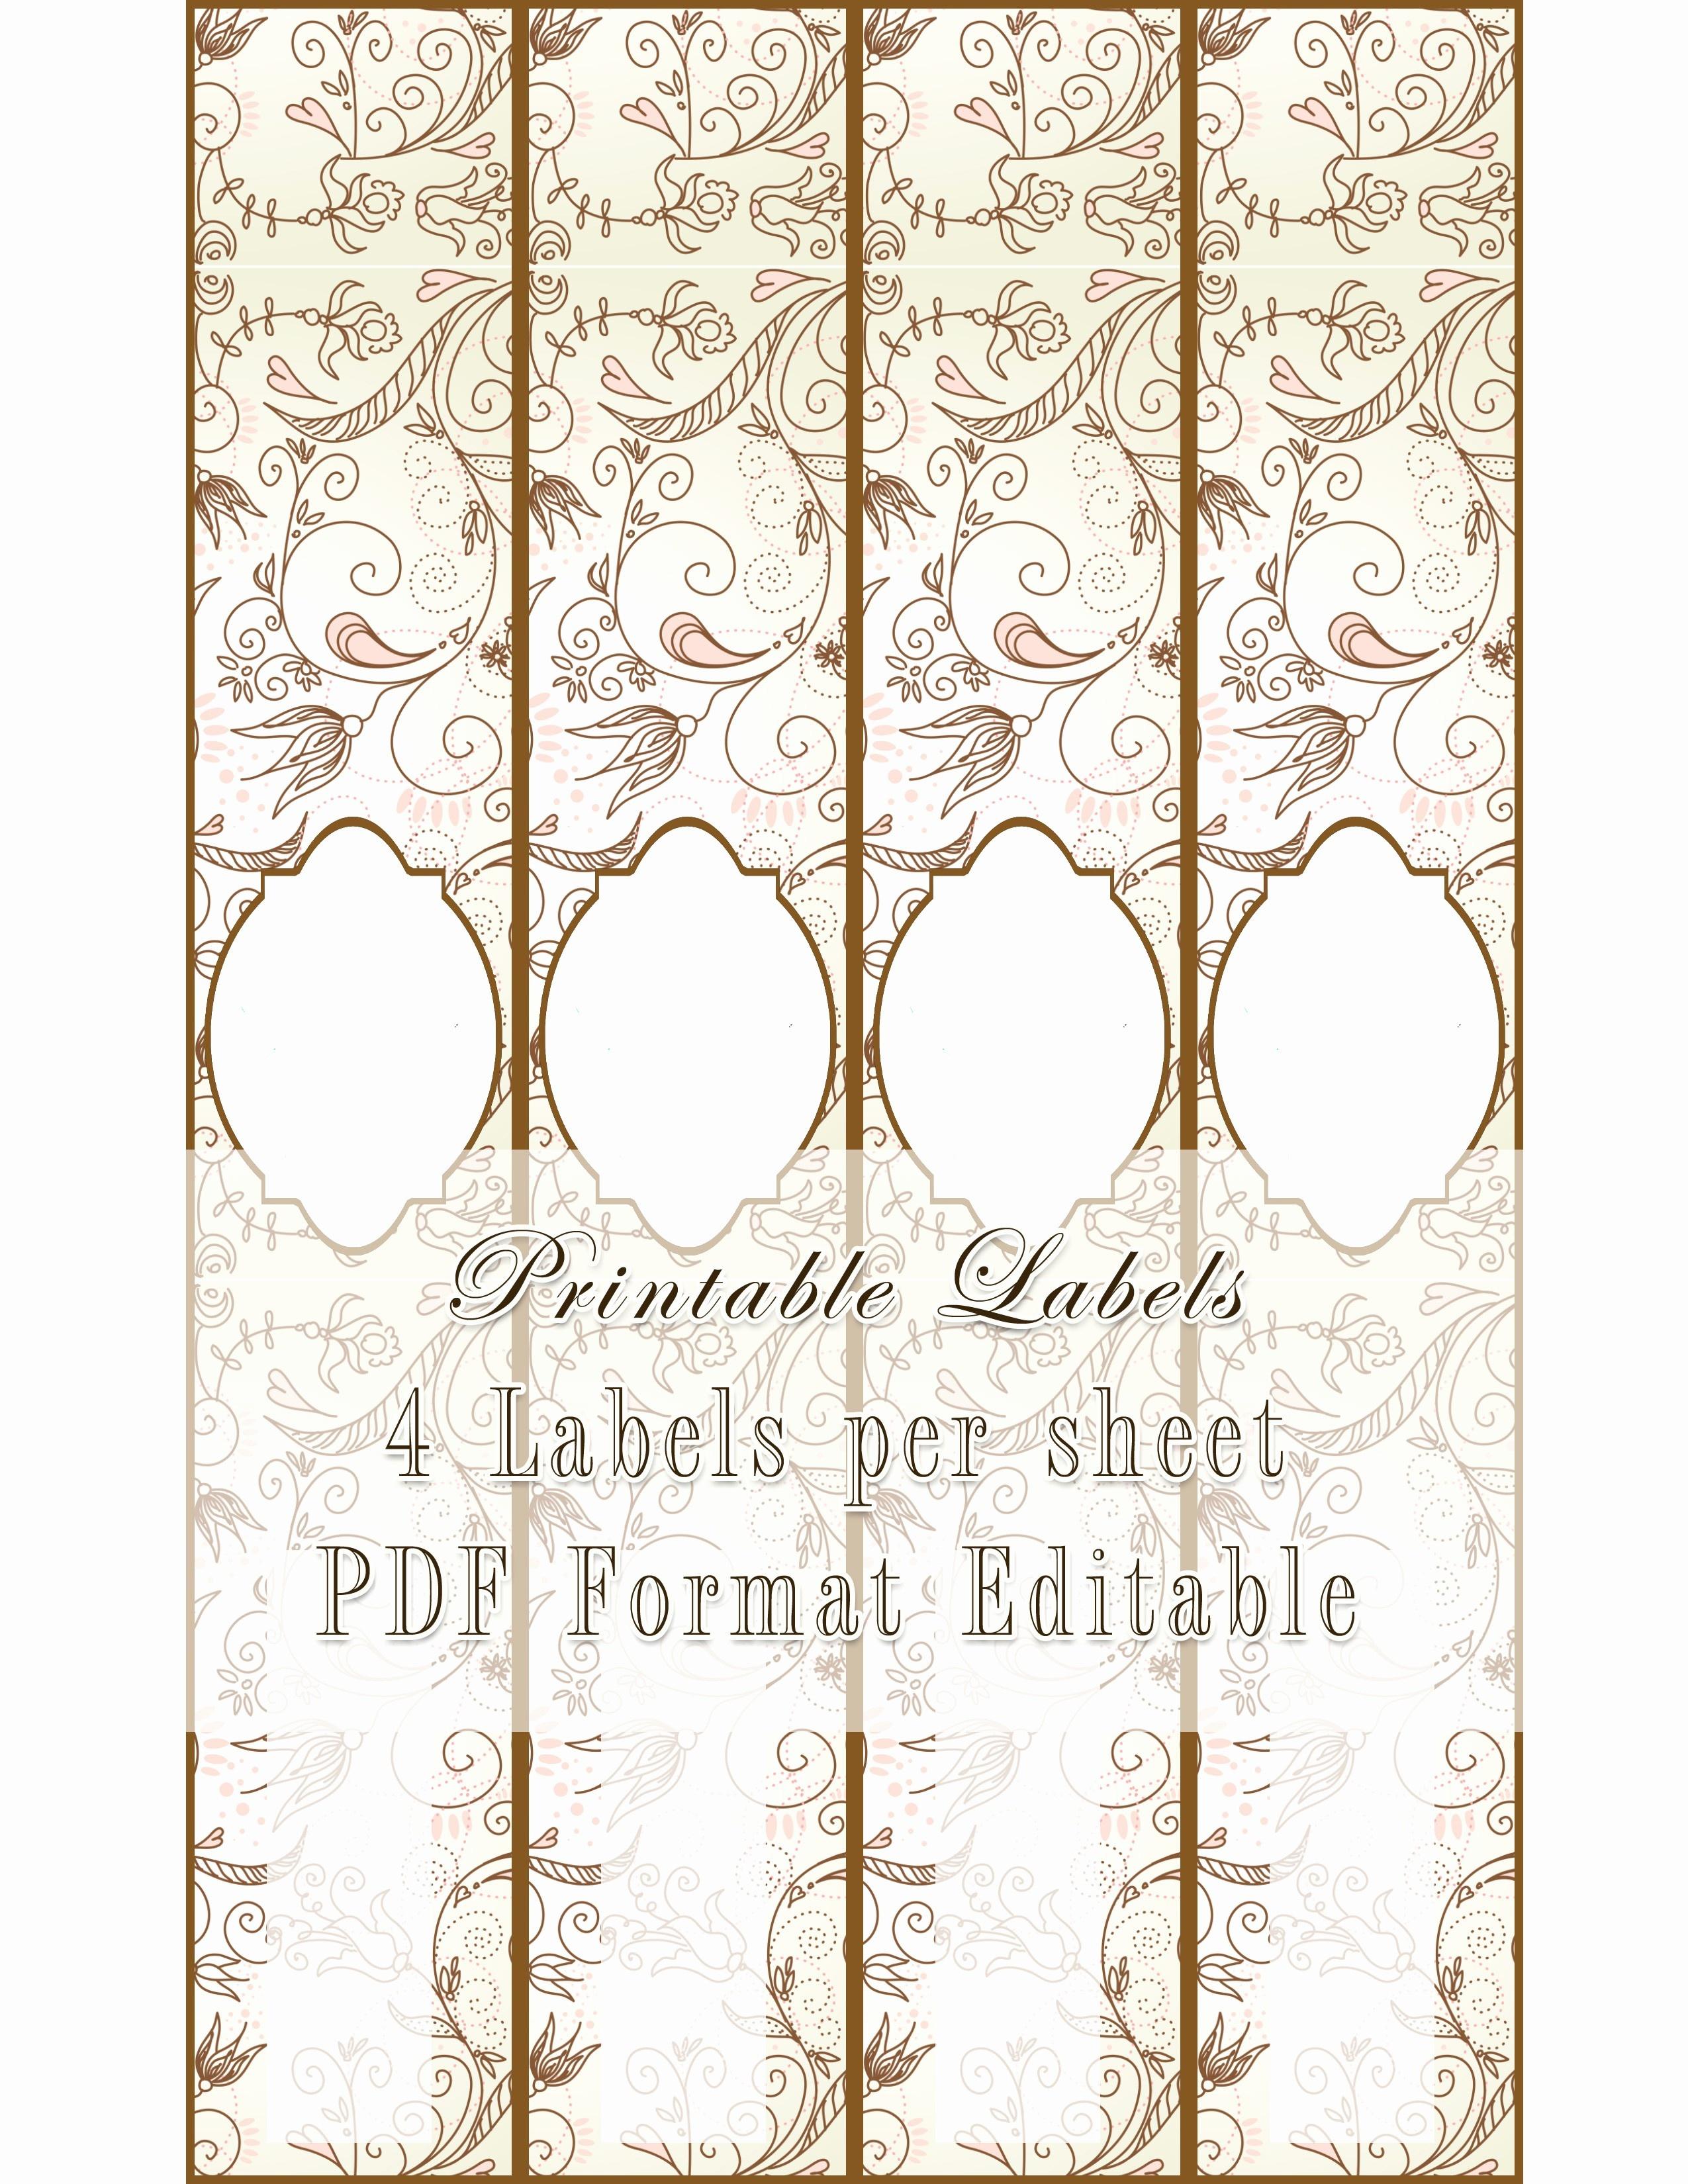 50 Free Printable Soap Label Templates | Culturatti - Free Printable Cigar Label Template